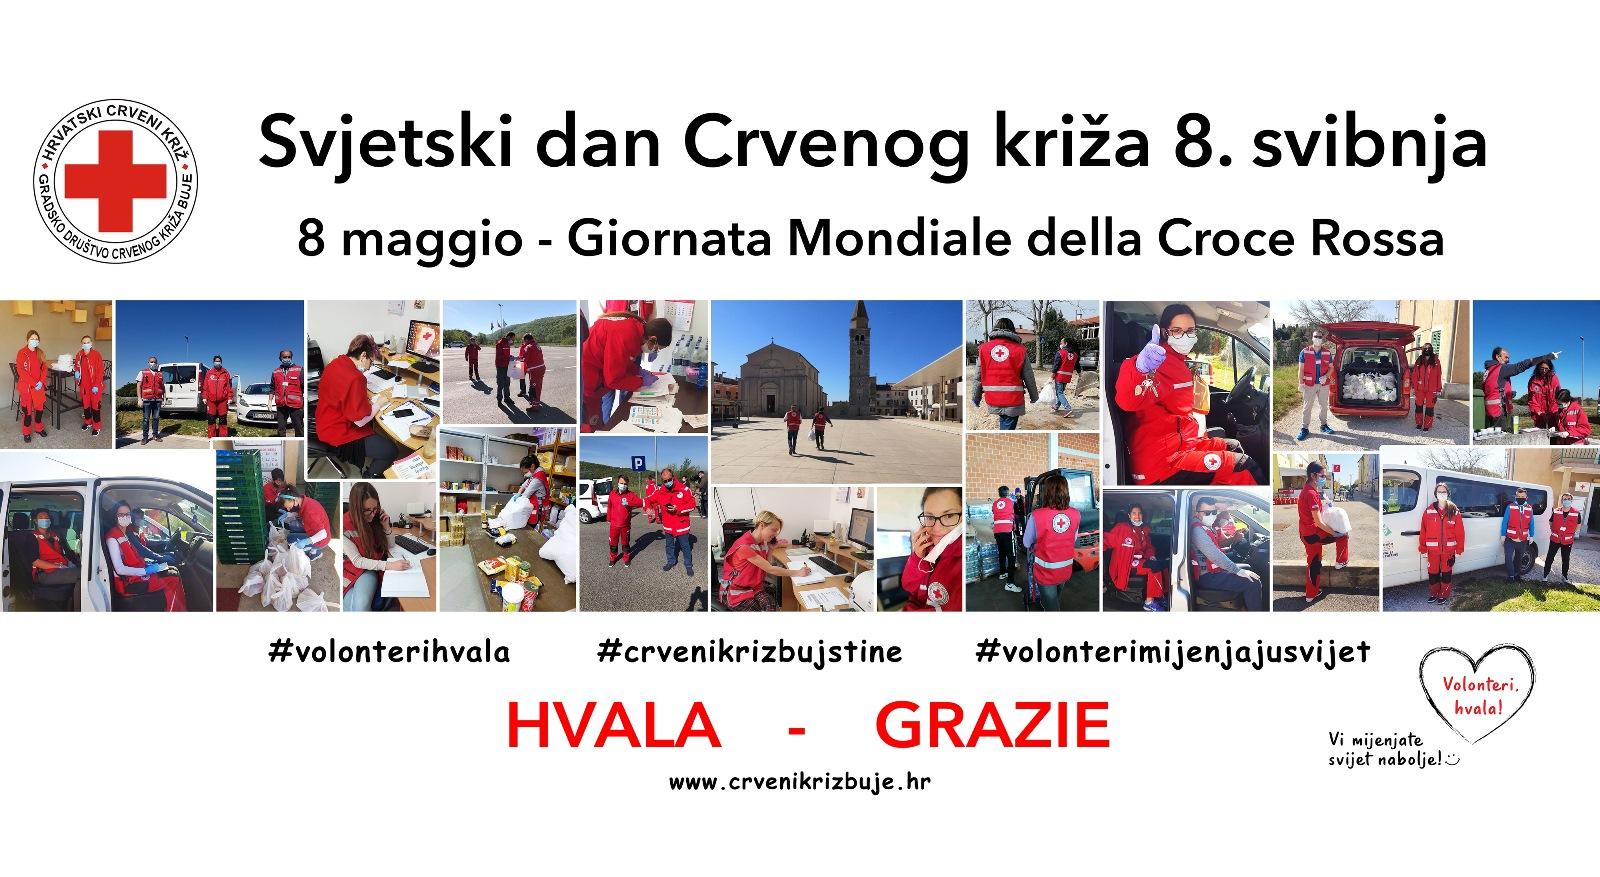 http://www.novigrad.hr/pod_sloganom_hvala_volonteri_obiljezhava_se_svjetski_dan_crvenog_krizha